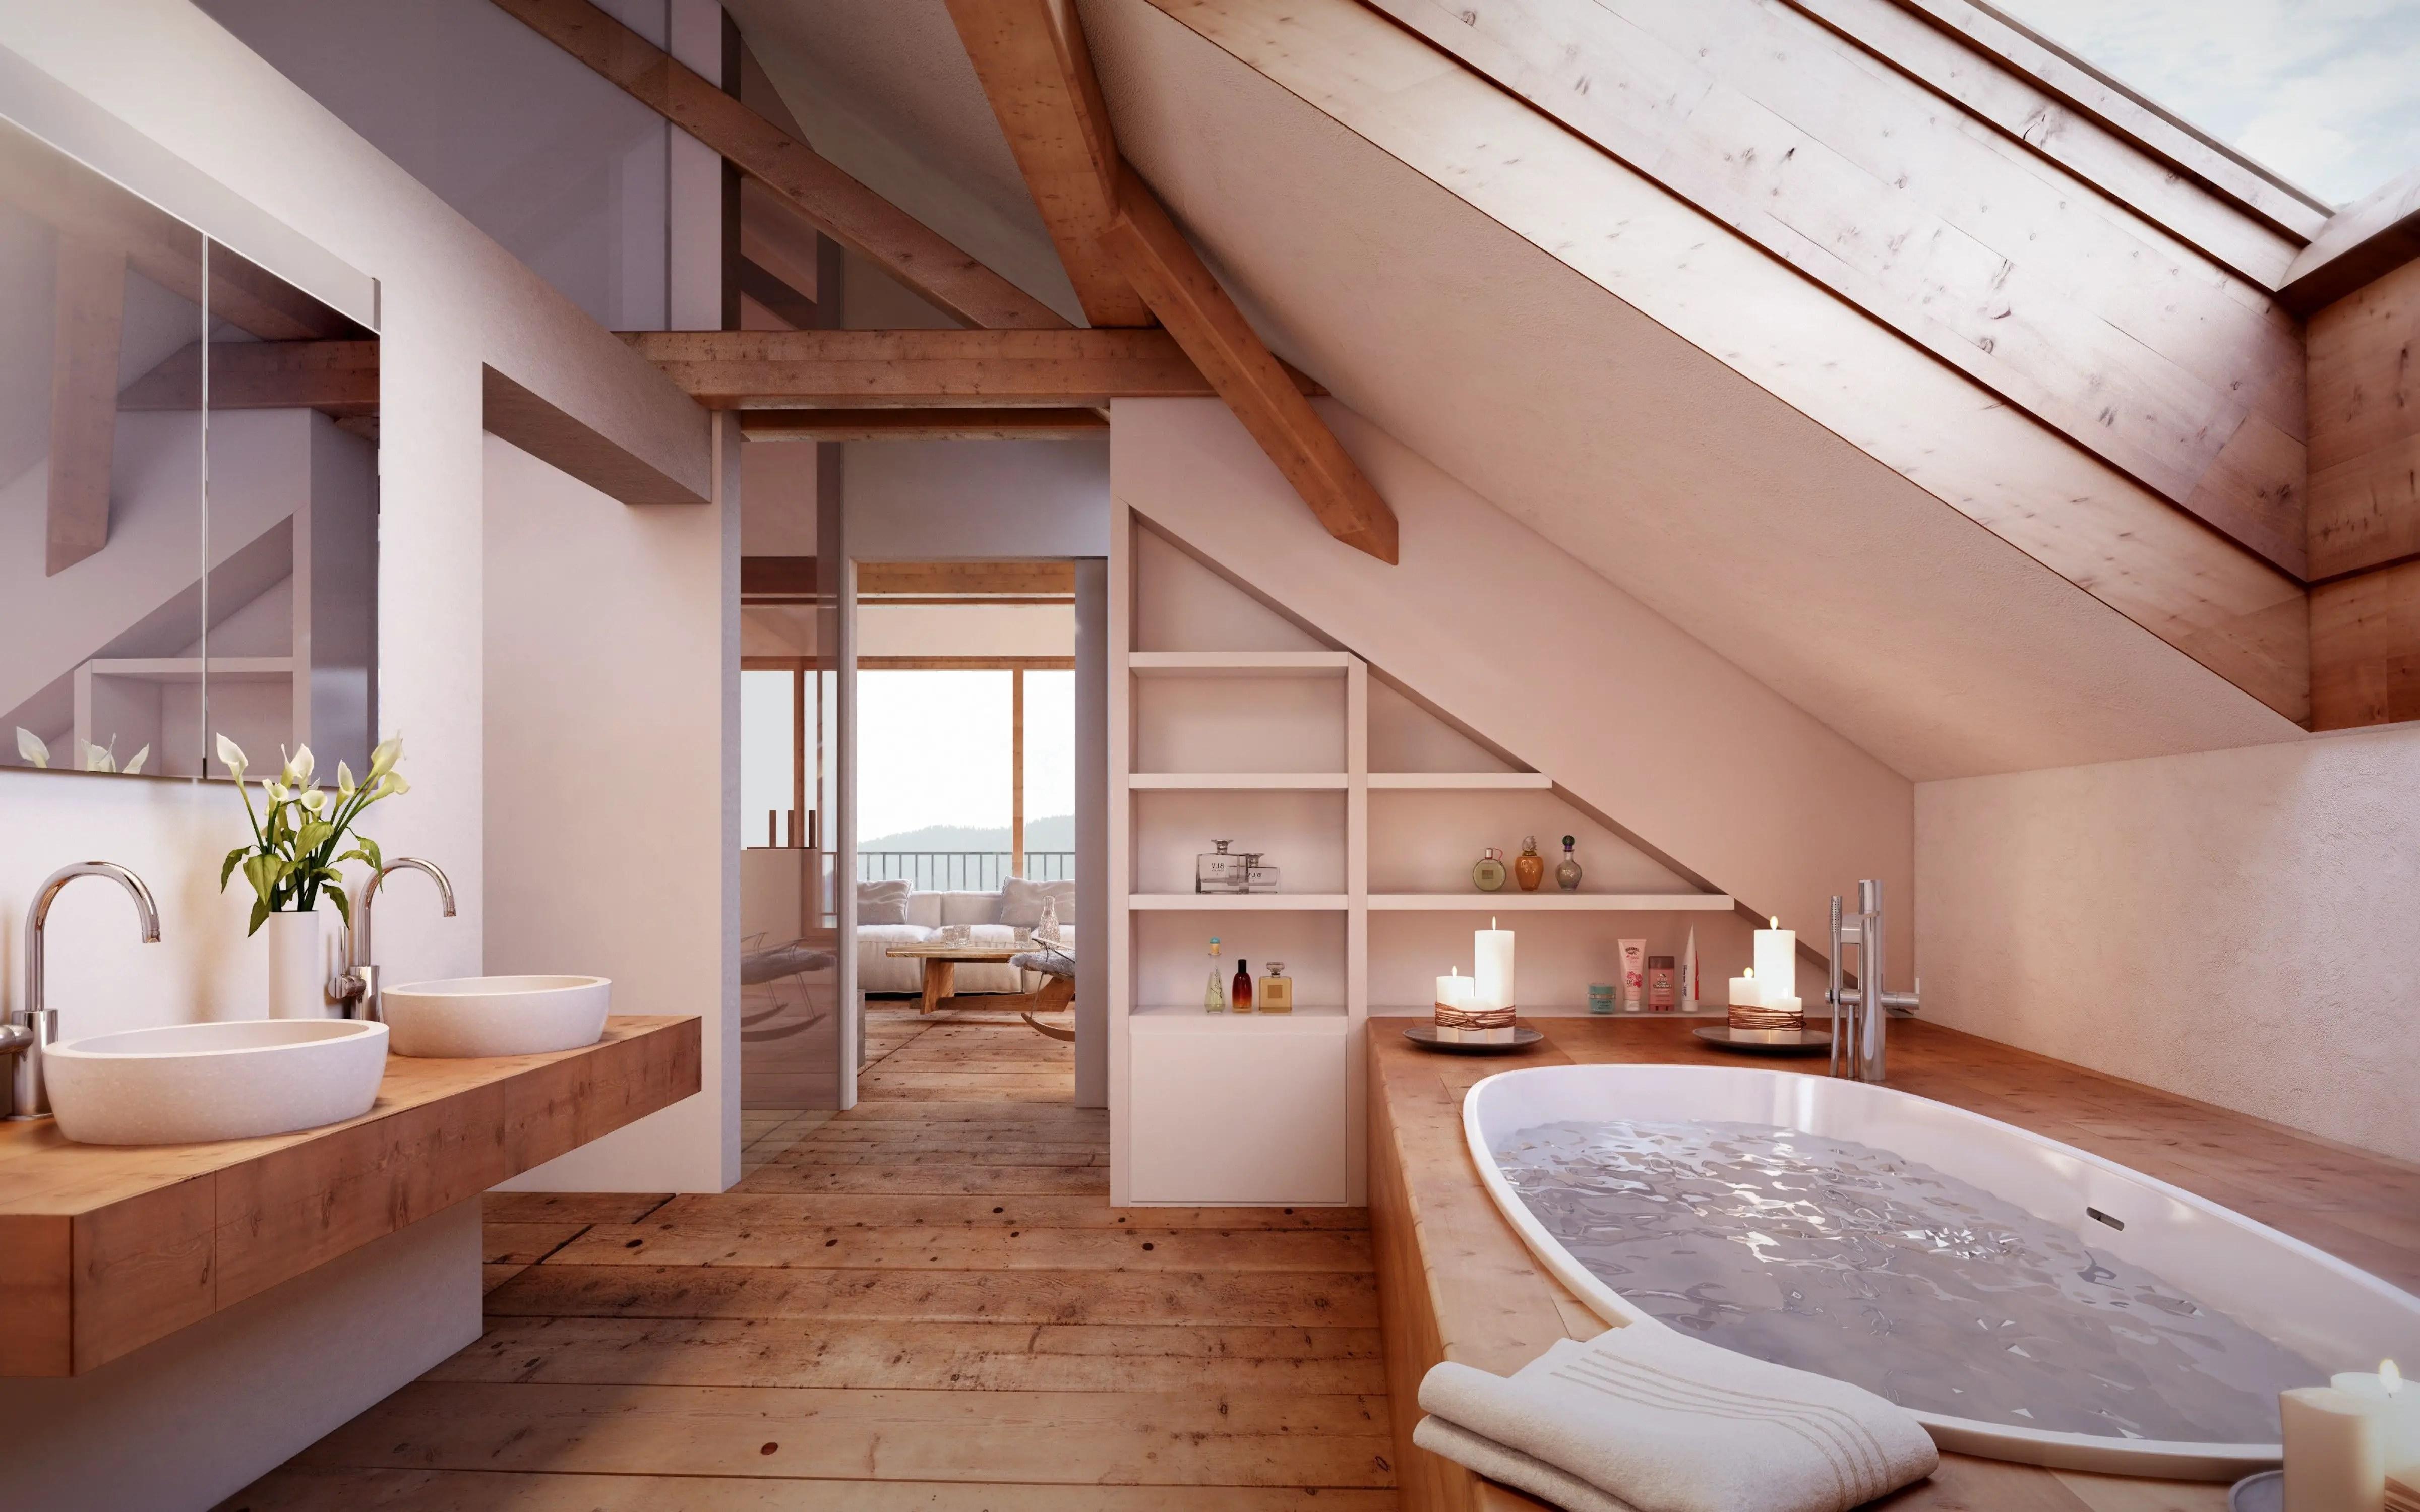 Unique attic bathroom design ideas for your private haven 33